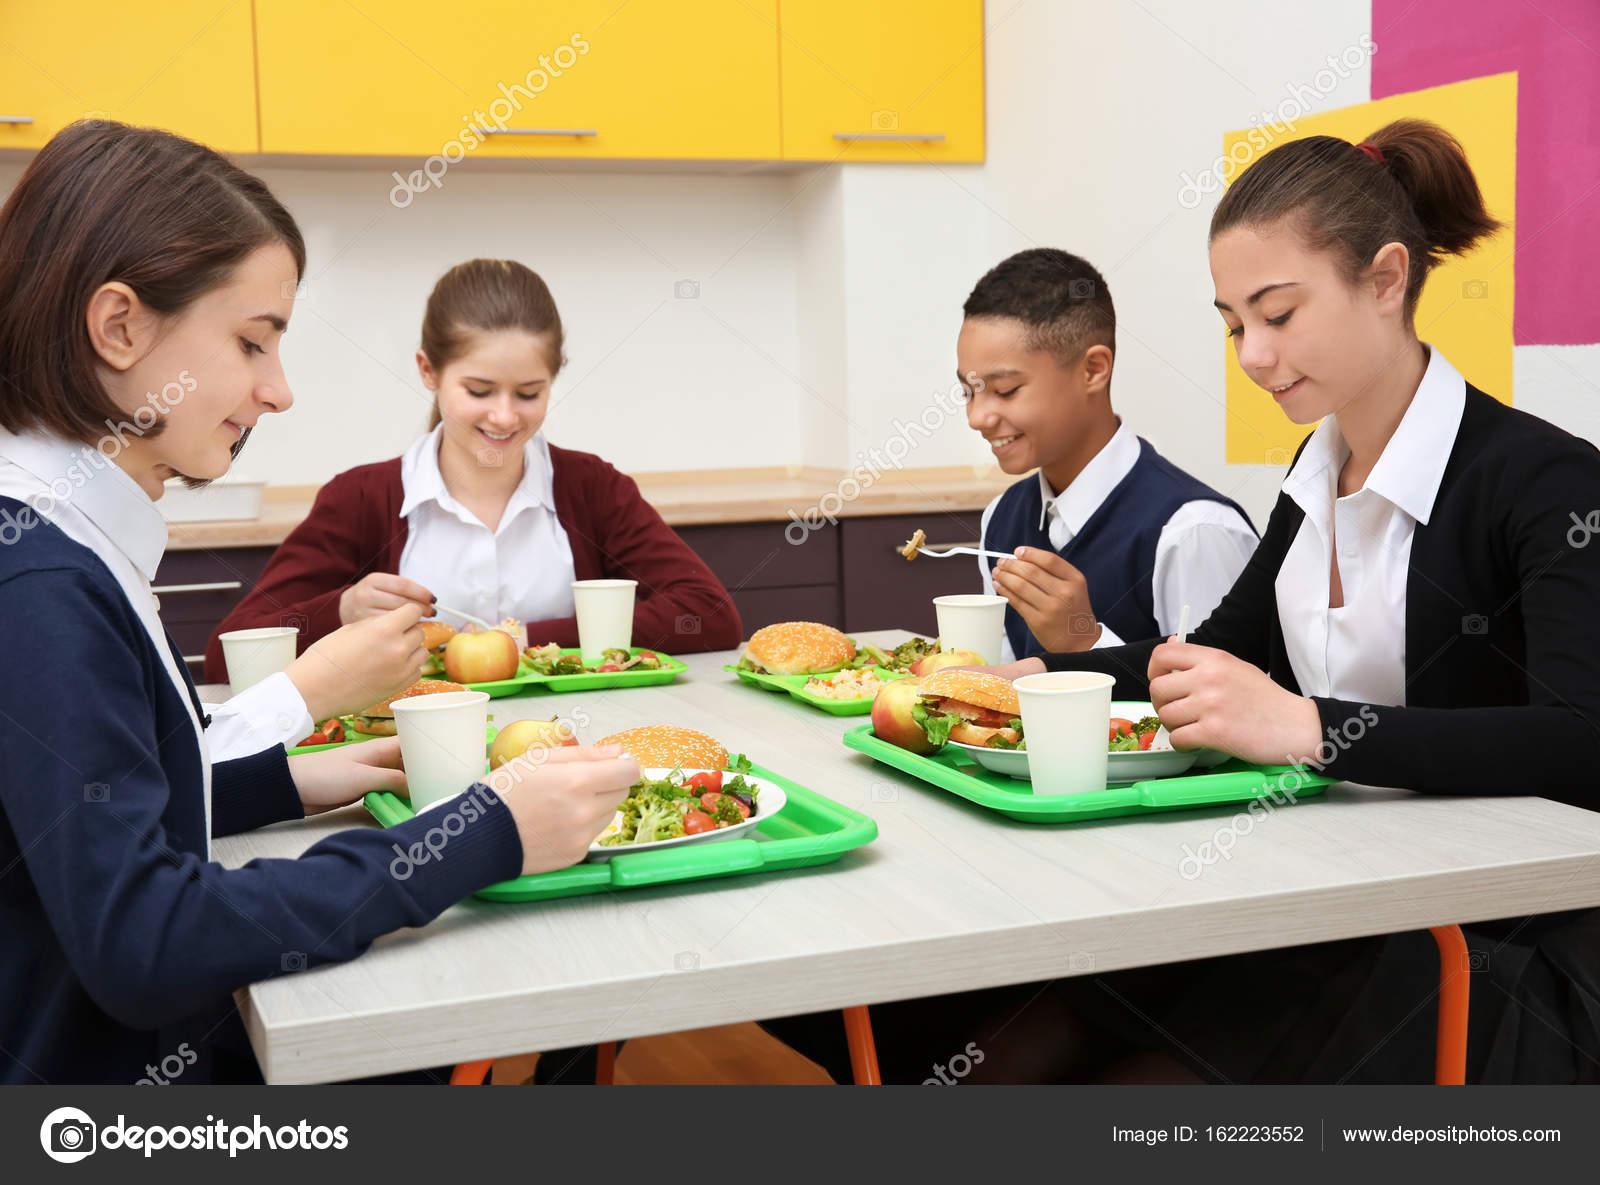 знаю, как правильно сидеть за обеденным столом фото старая добрая традиция